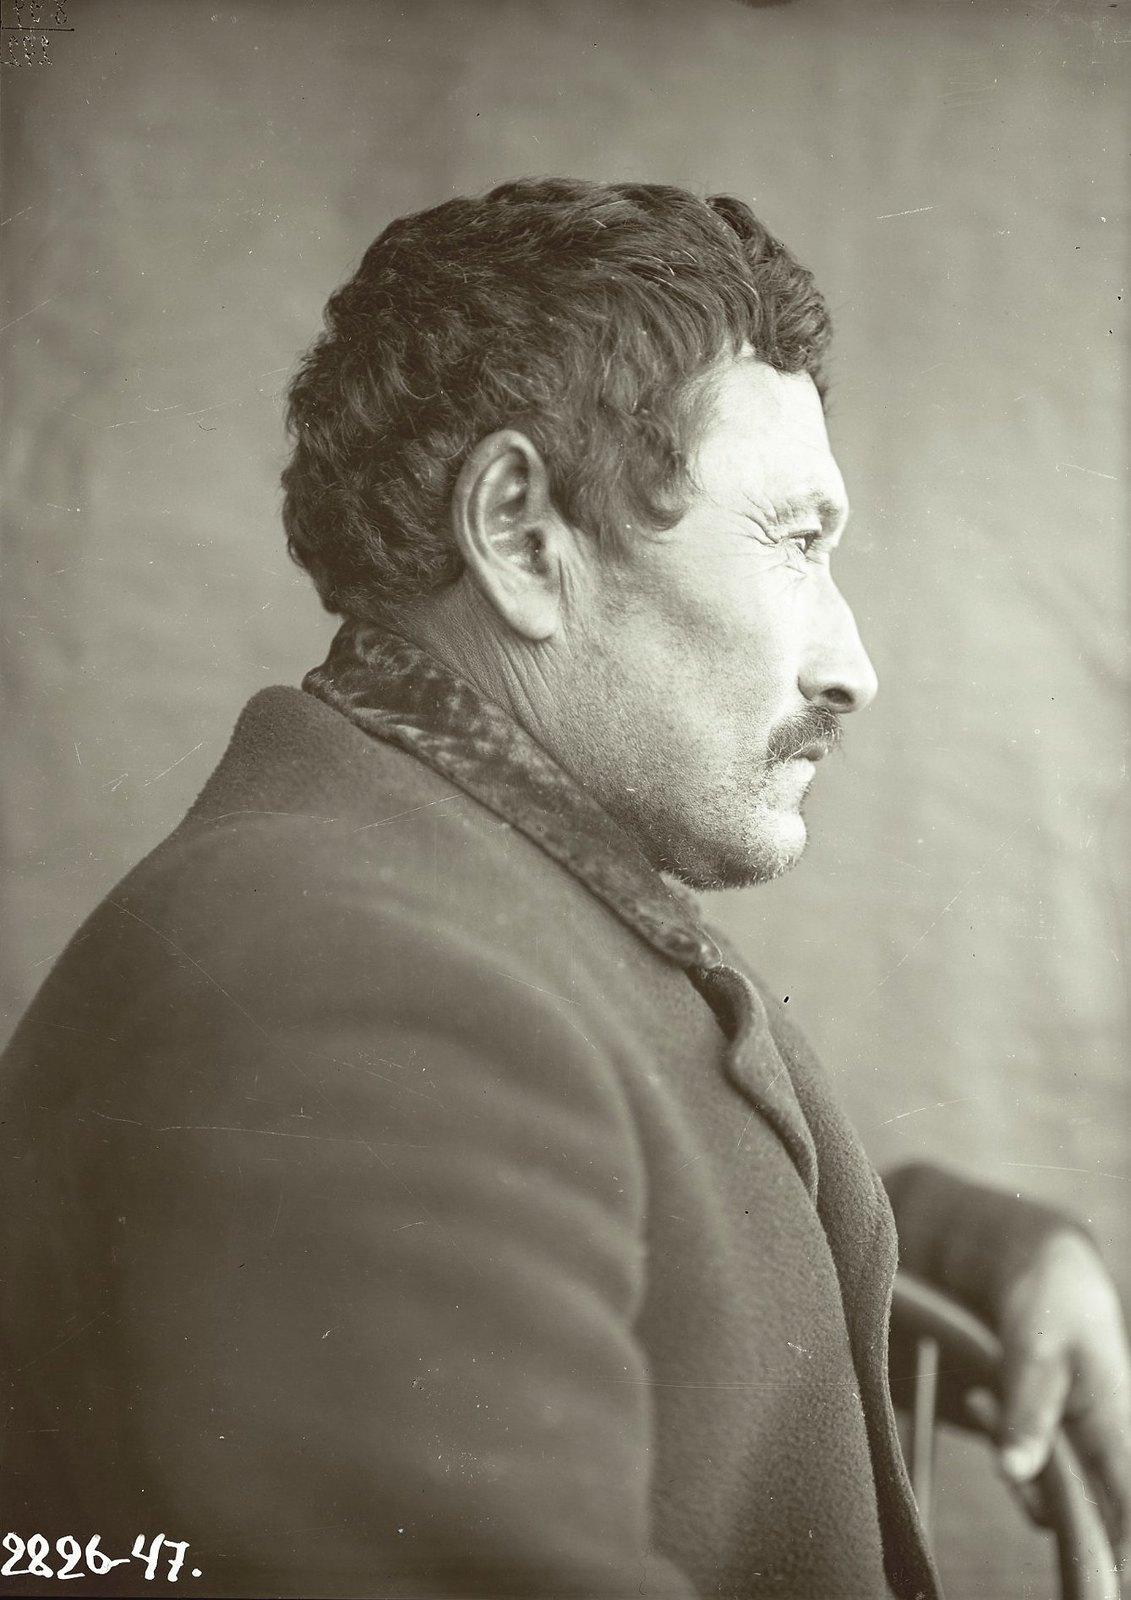 1909. 1 марта. Алеут Кирилл Ермилов (профиль). Алеутские острова, Умнак остров